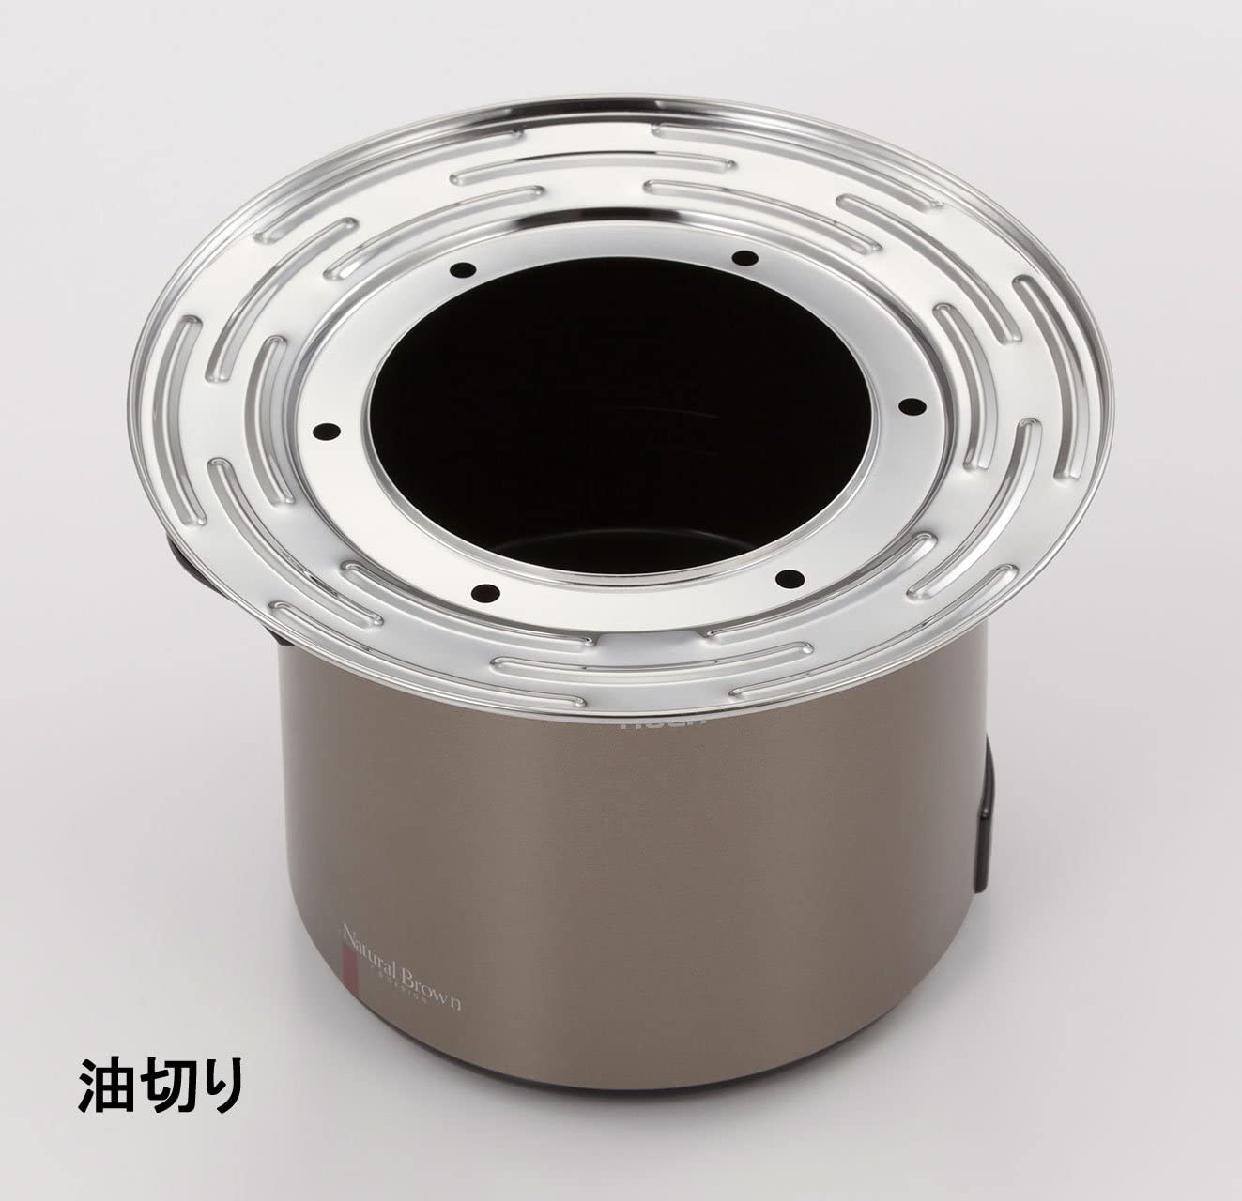 ハヤアゲ 電気フライヤー CFE-A100-Tの商品画像6